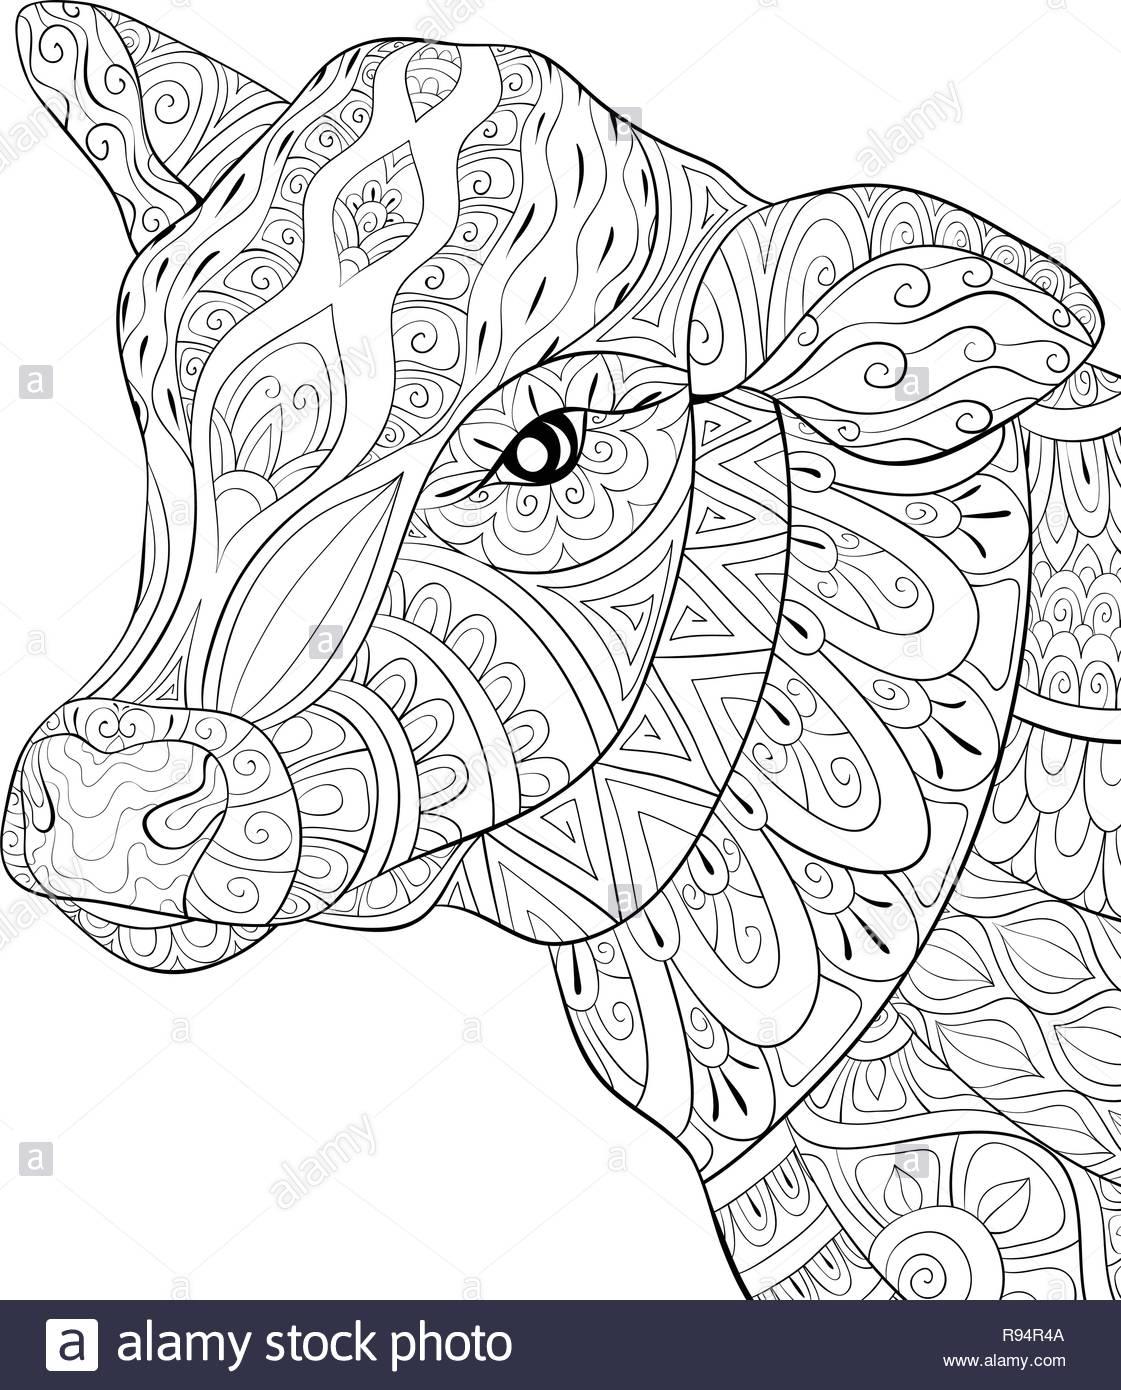 Una Linda Cabeza De Vaca Con Ornamentos Imagen Para Actividad